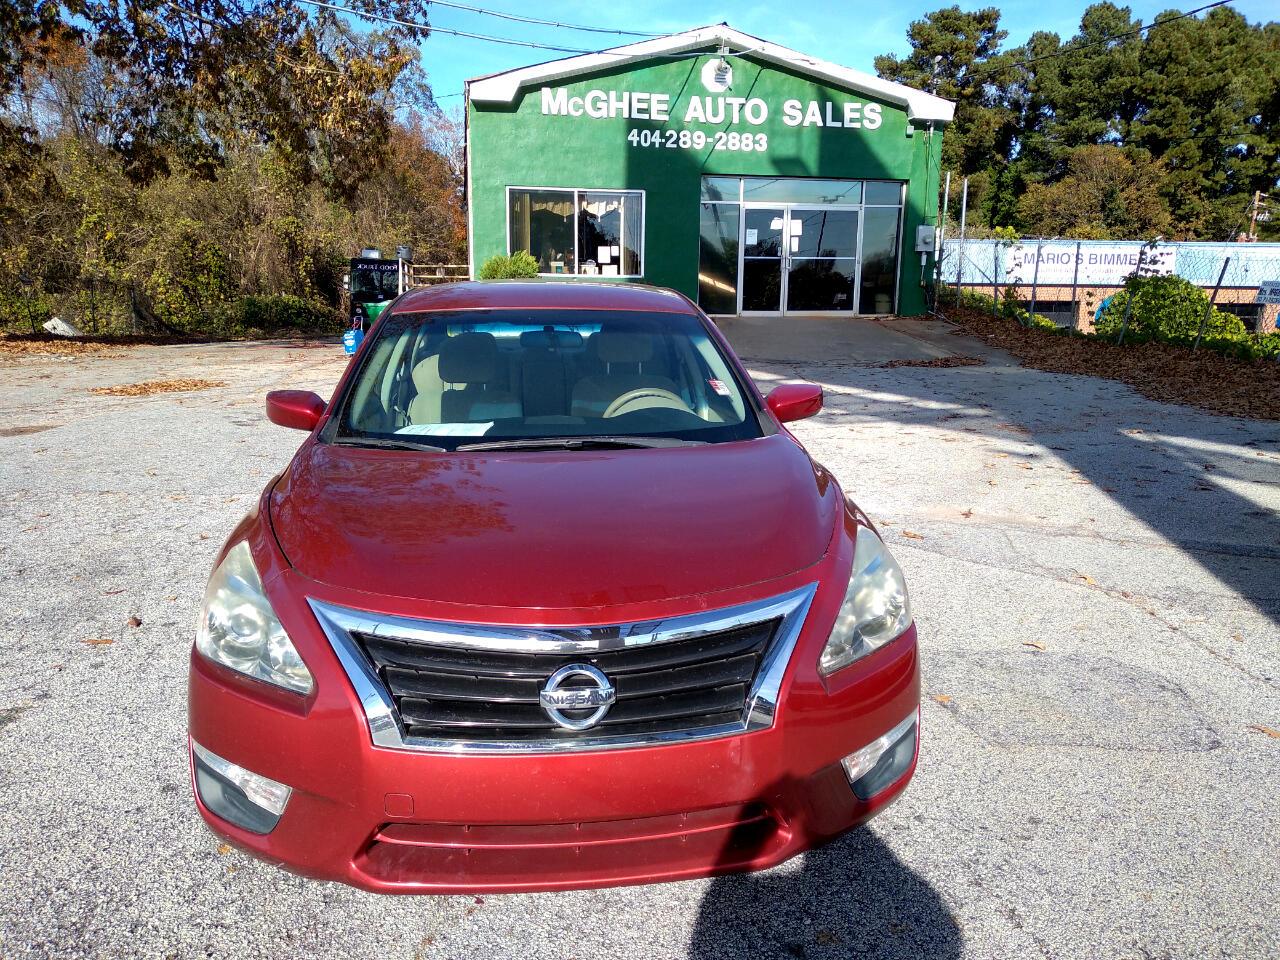 Nissan Altima 2.5 S Sedan 2014